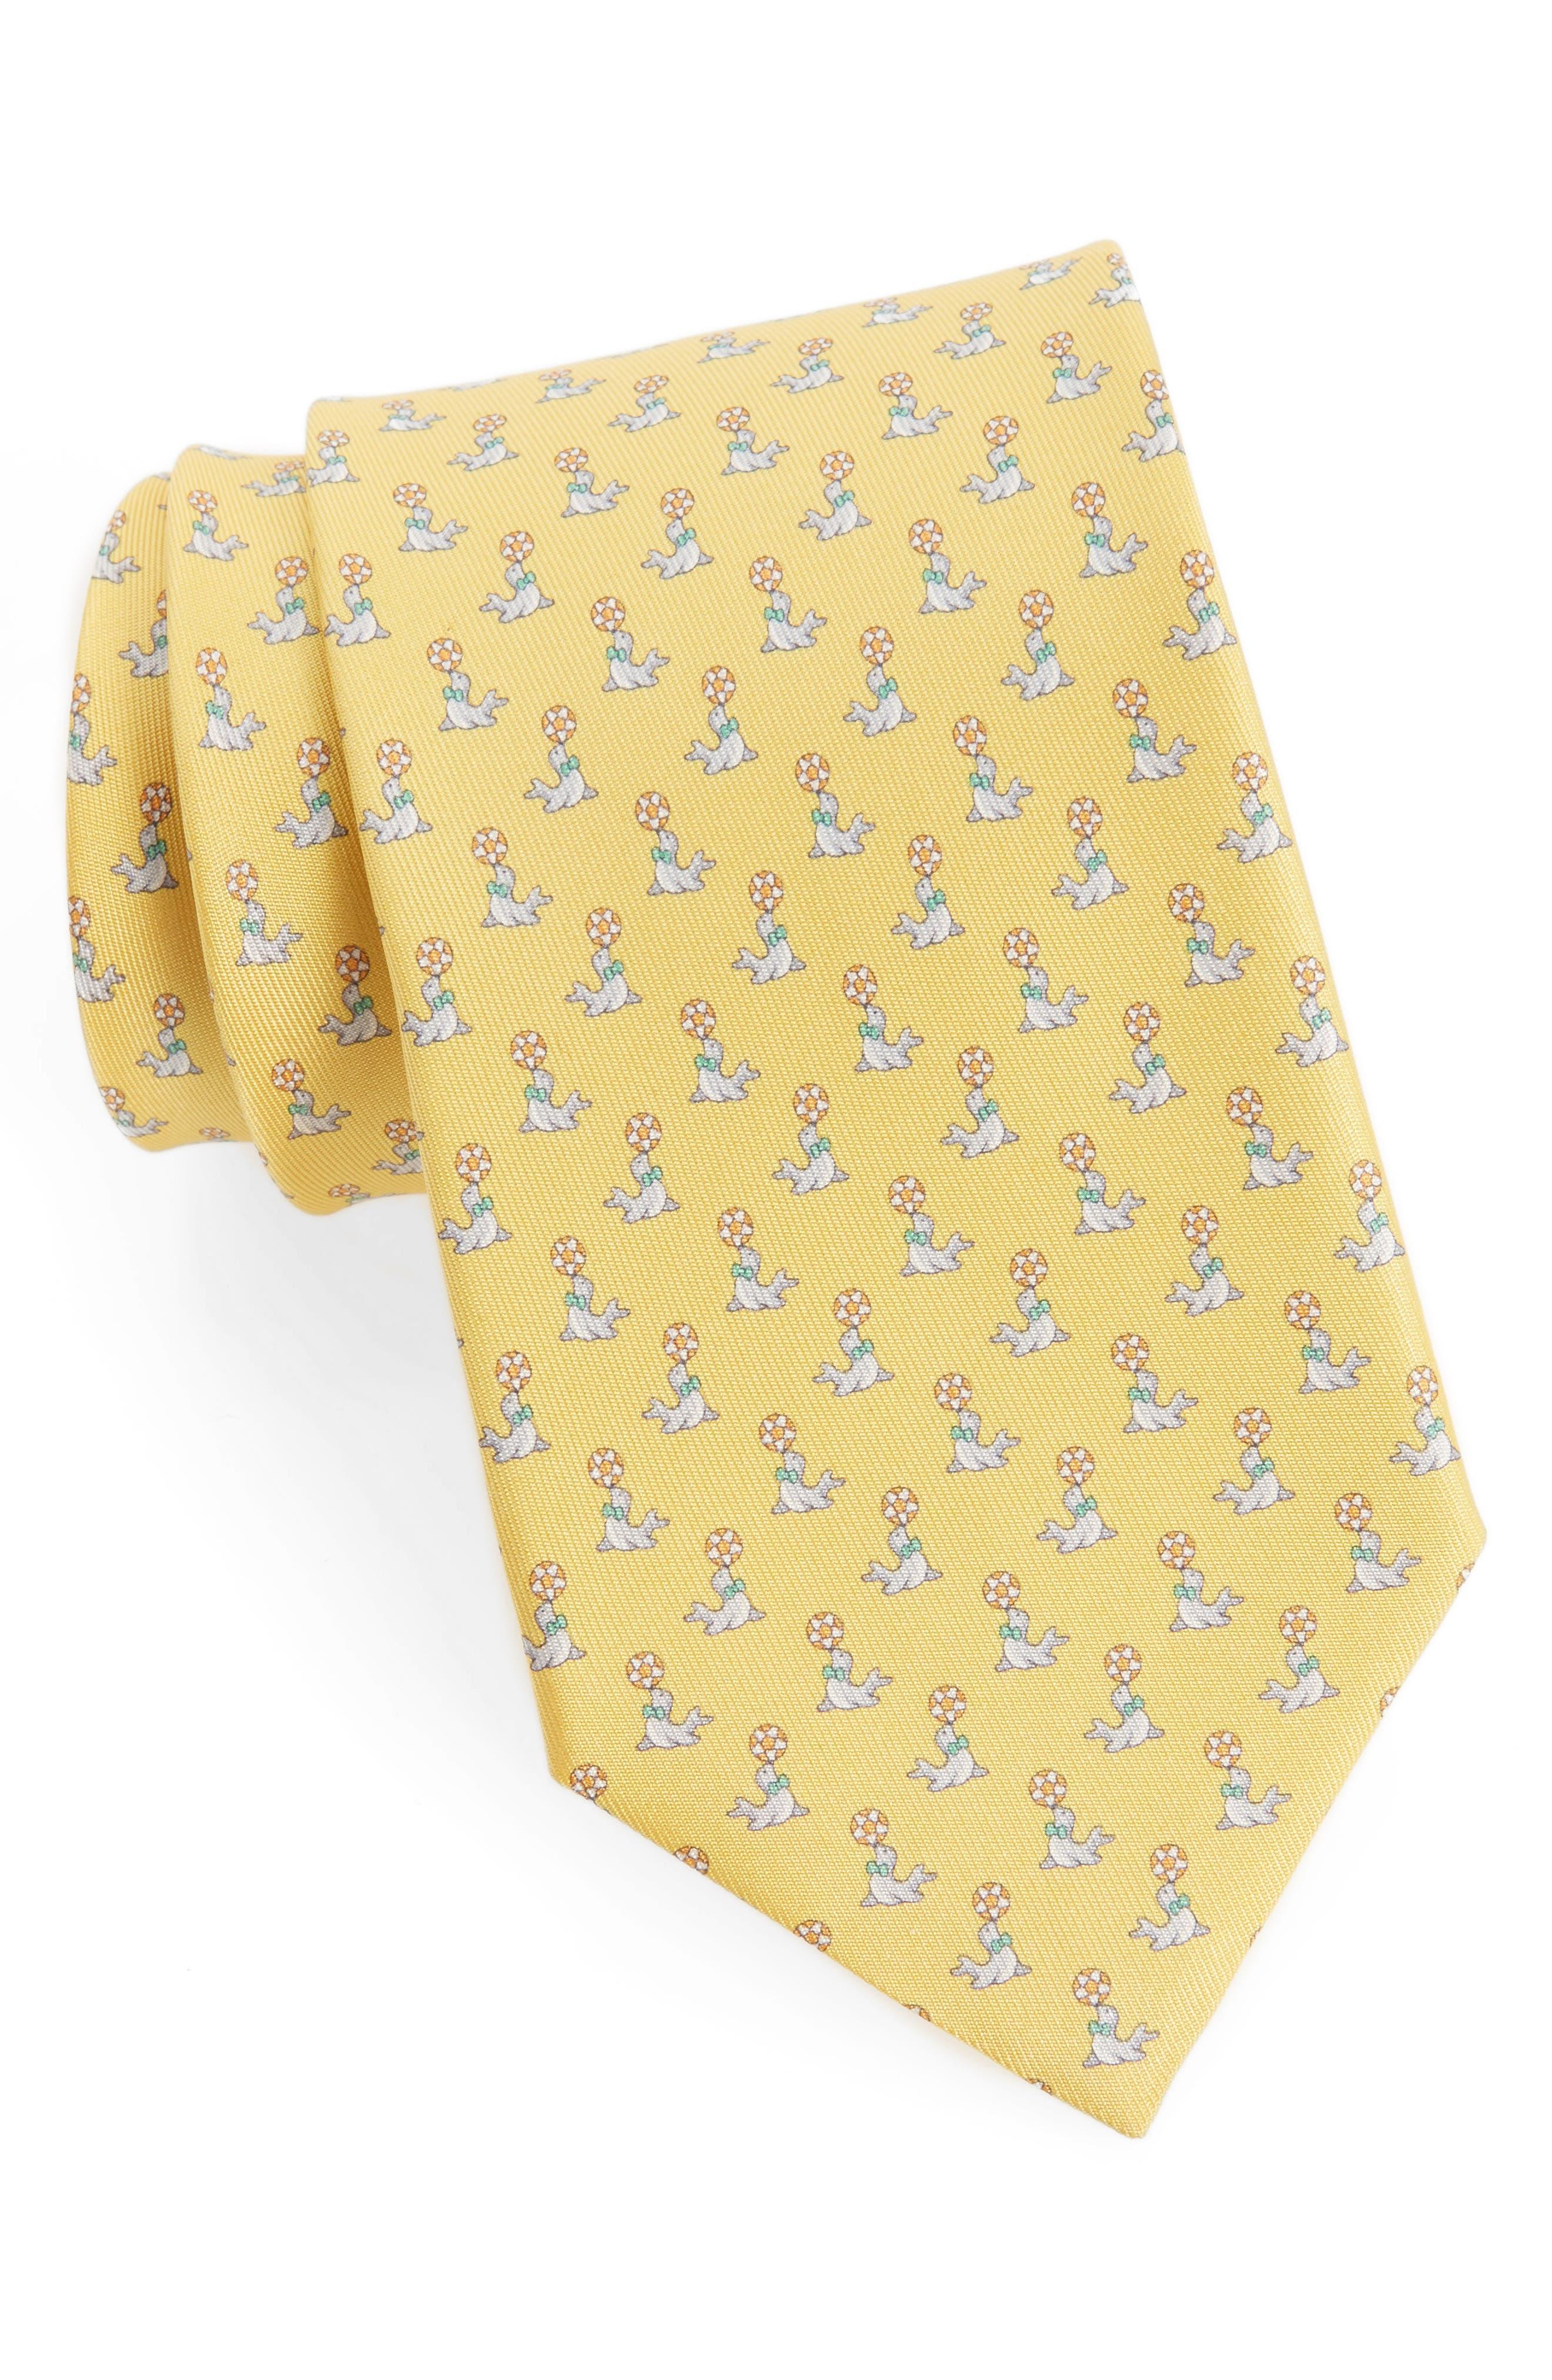 Salvatore Ferragamo Seal Print Silk Tie